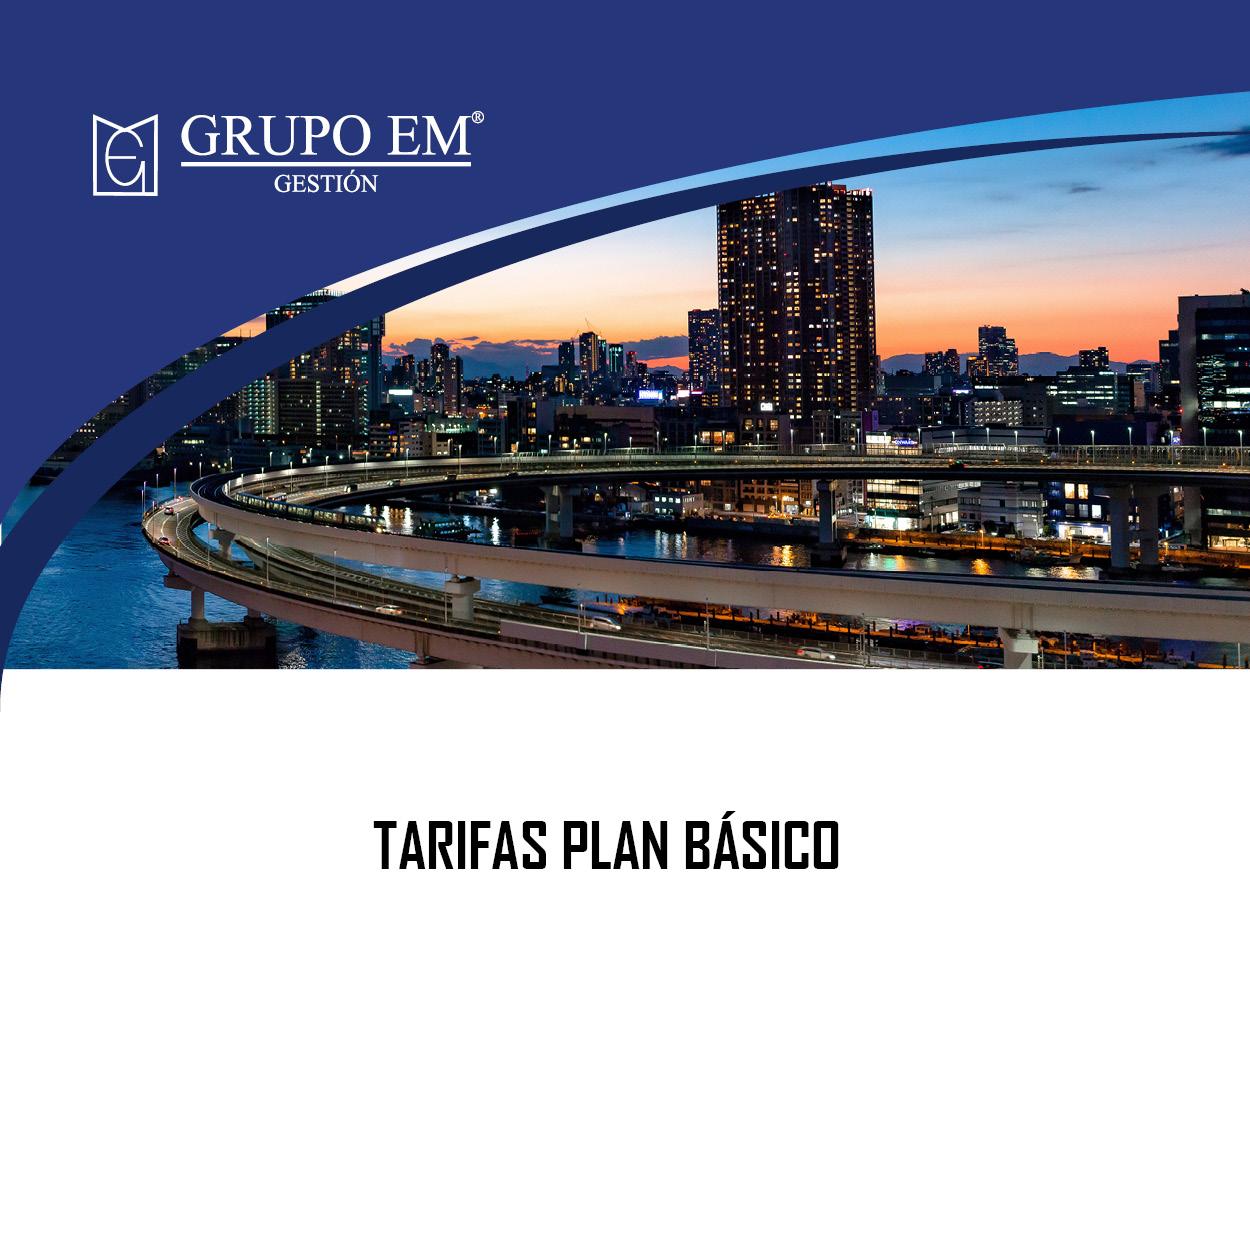 tarifas_diapo_basico